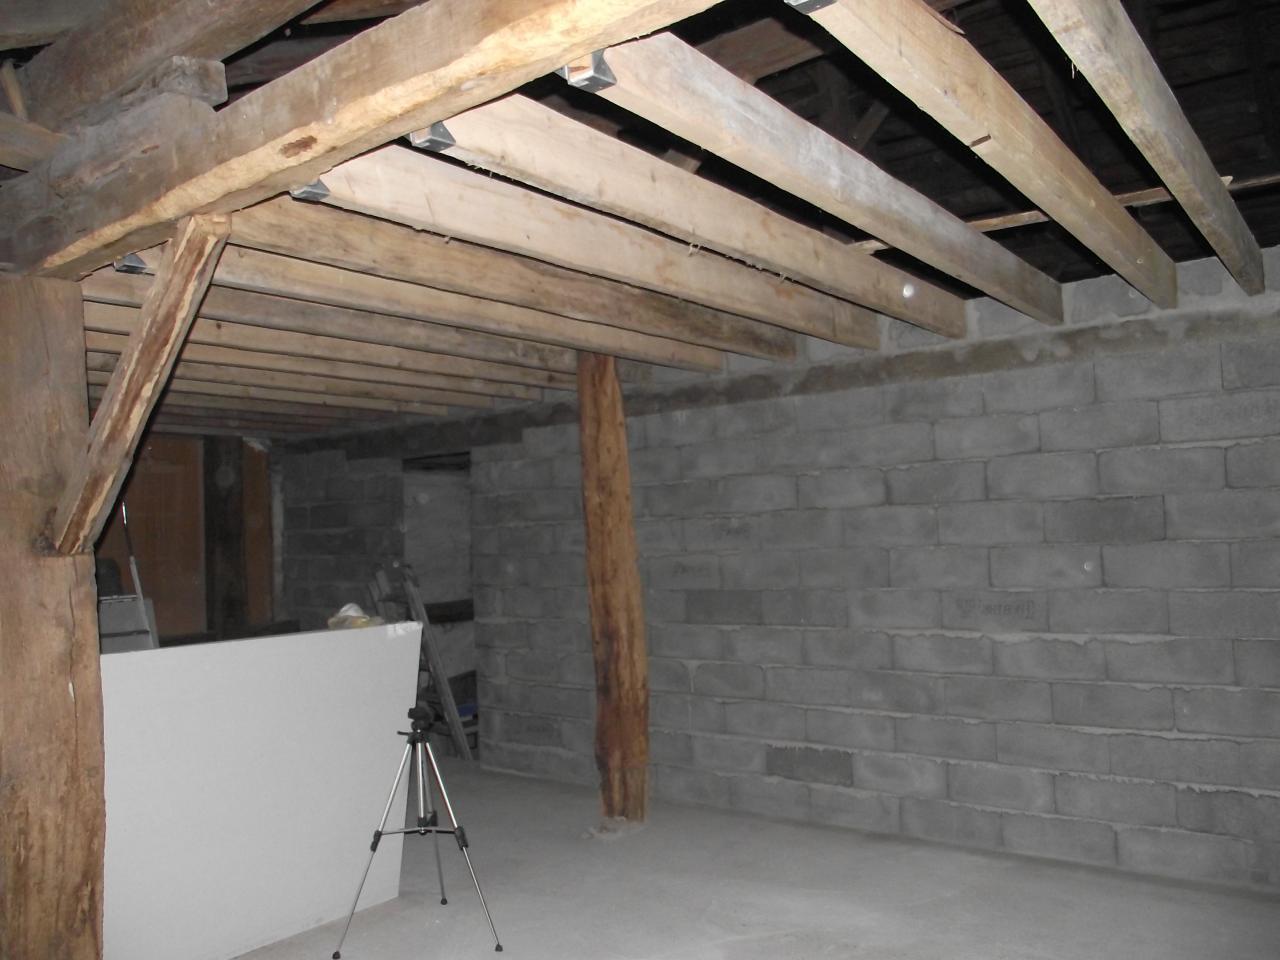 cr ation d 39 un mur et pose de poutres pour faux plafond. Black Bedroom Furniture Sets. Home Design Ideas